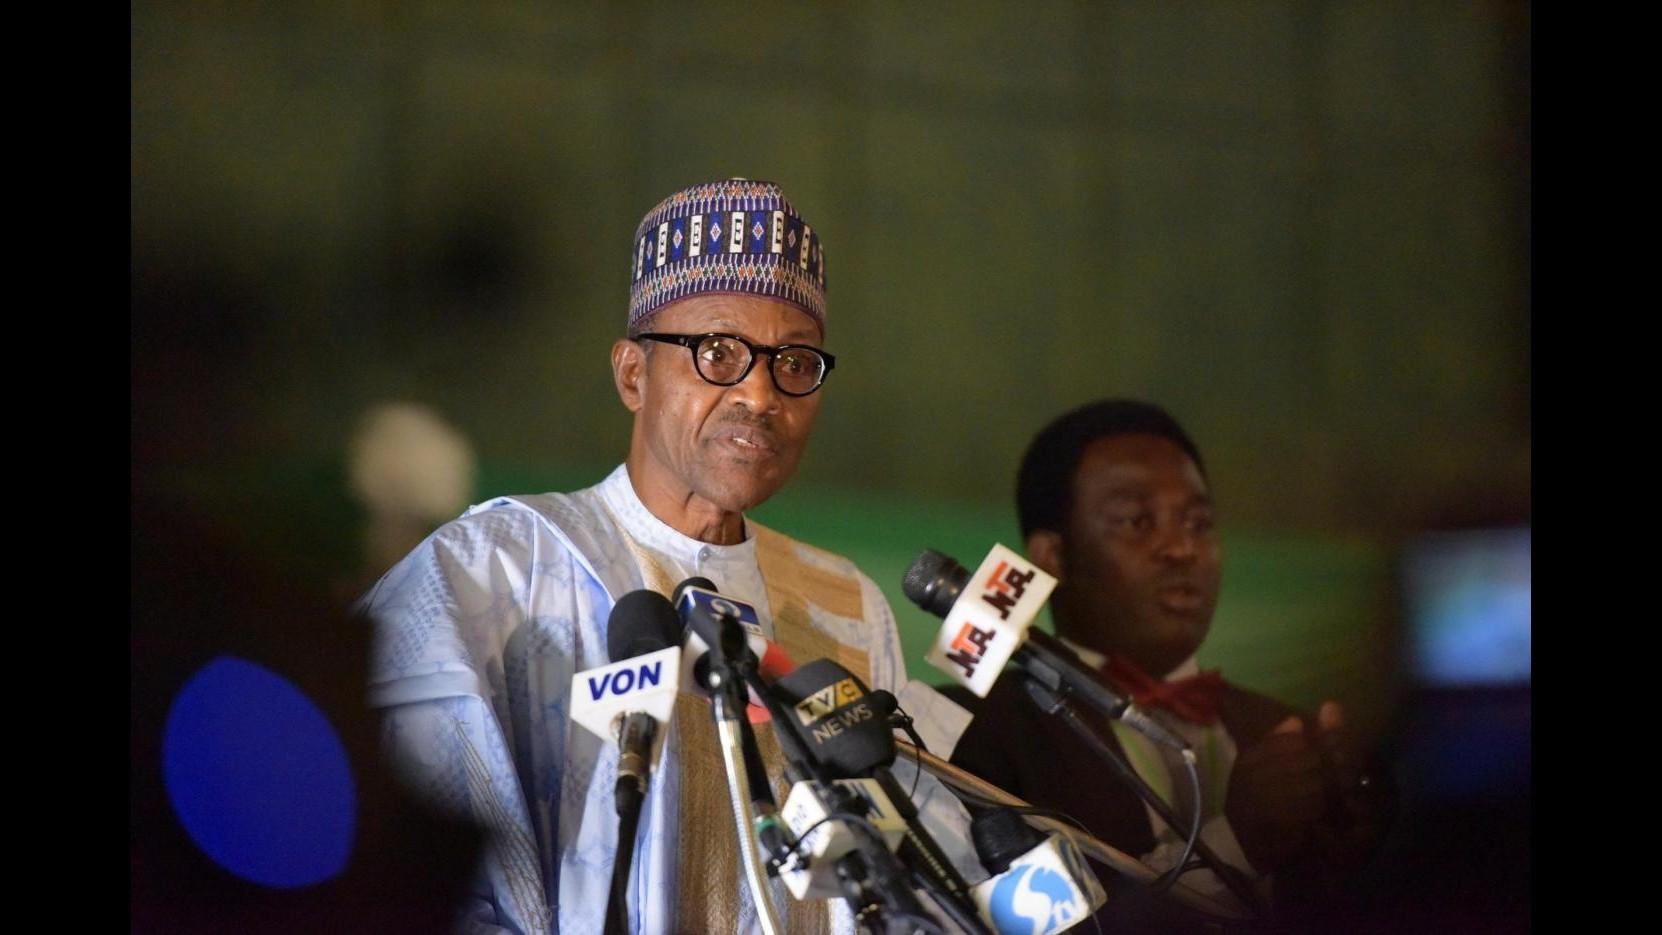 Nigeria un anno dopo sequestro ragazze da Boko Haram. Buhari: Agiremo